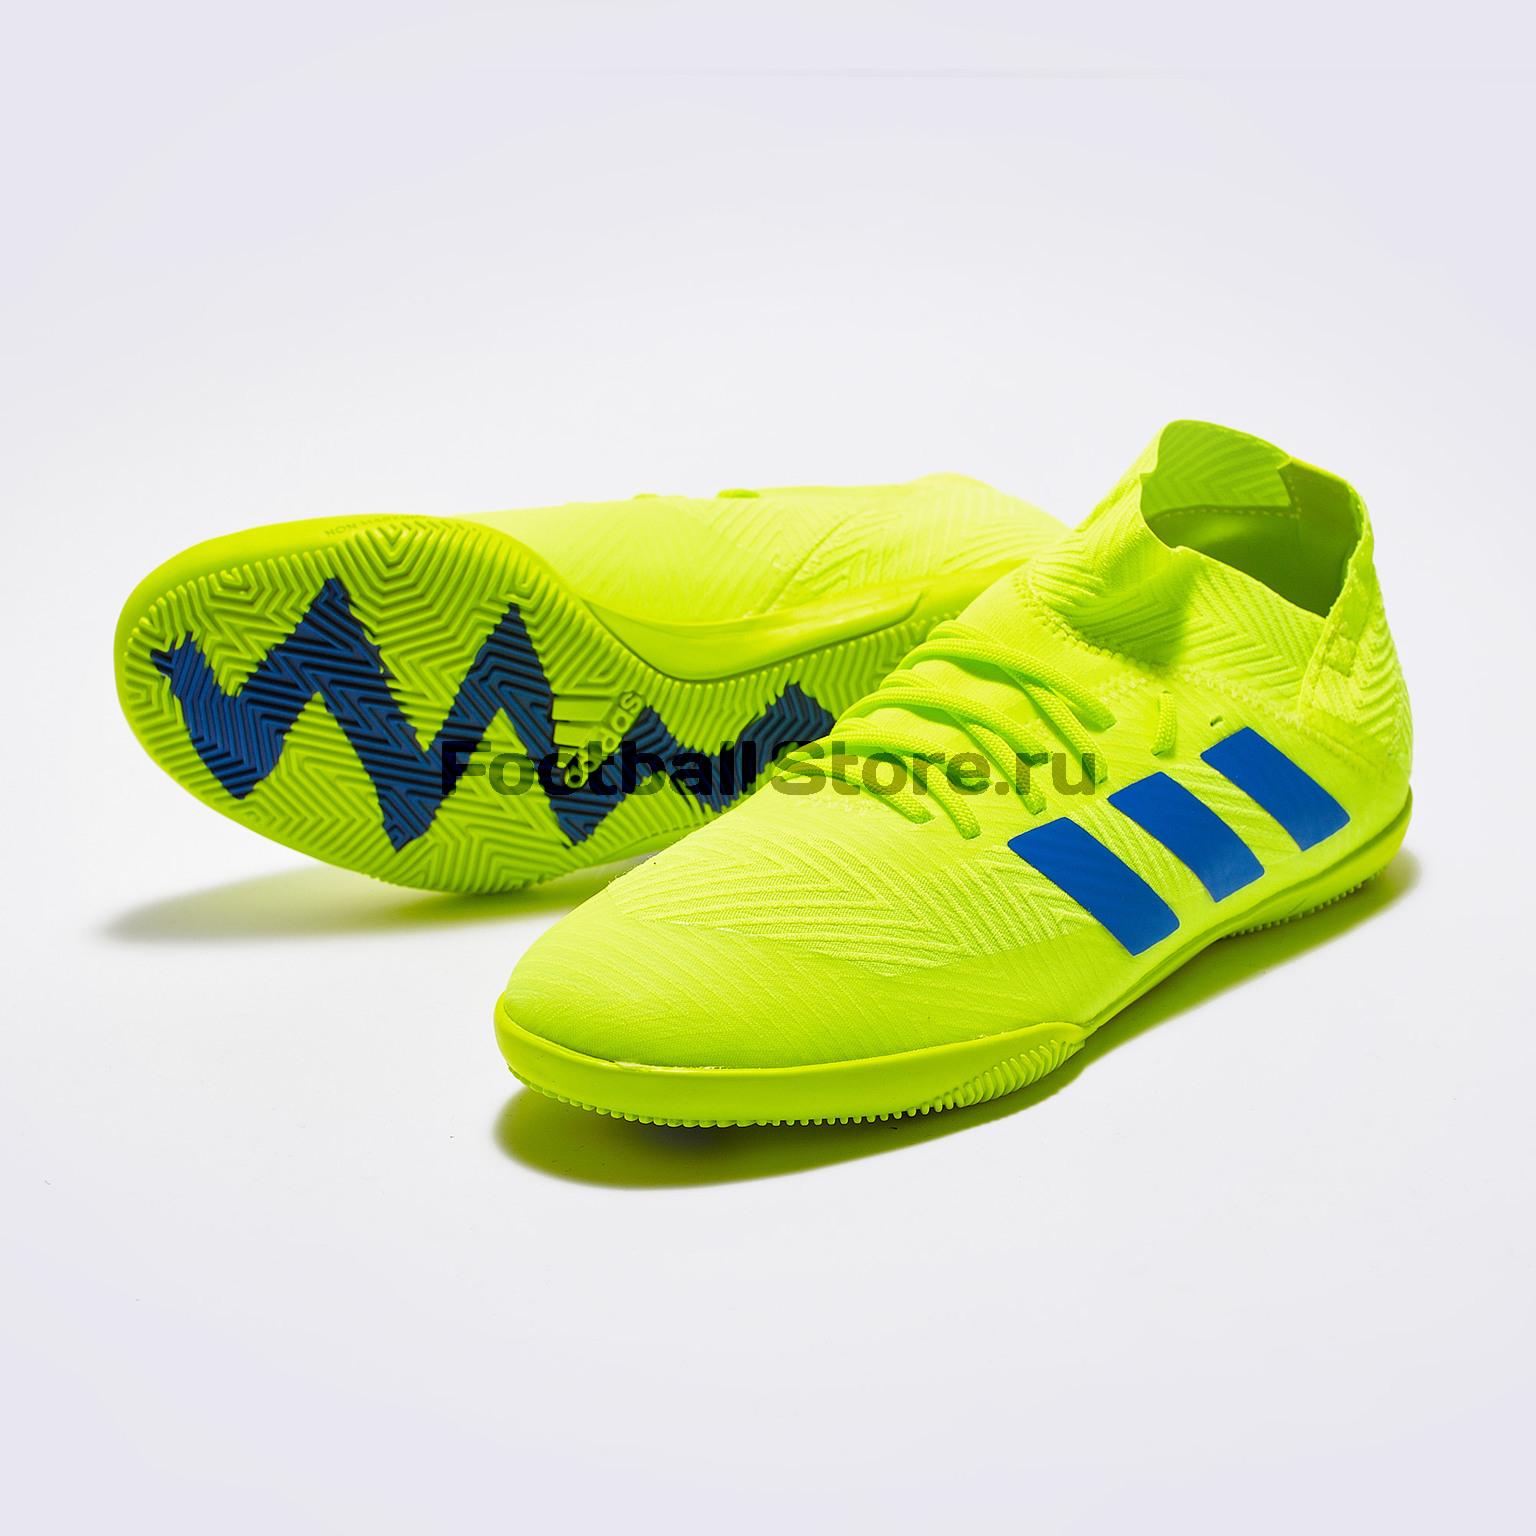 Футзалки детские Adidas Nemeziz Messi 18.3 IN CM8512 бутсы adidas nemeziz messi 17 1 fg cp9028